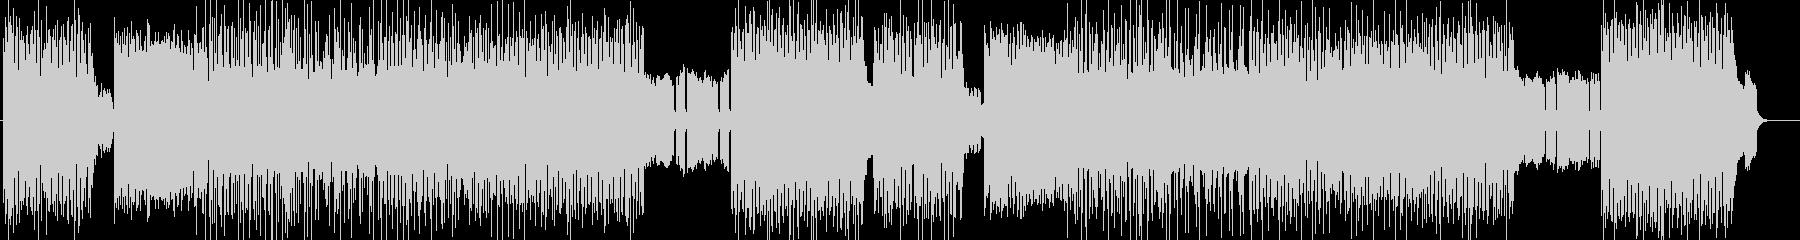 デスロック、ハードロック系 BGM261の未再生の波形